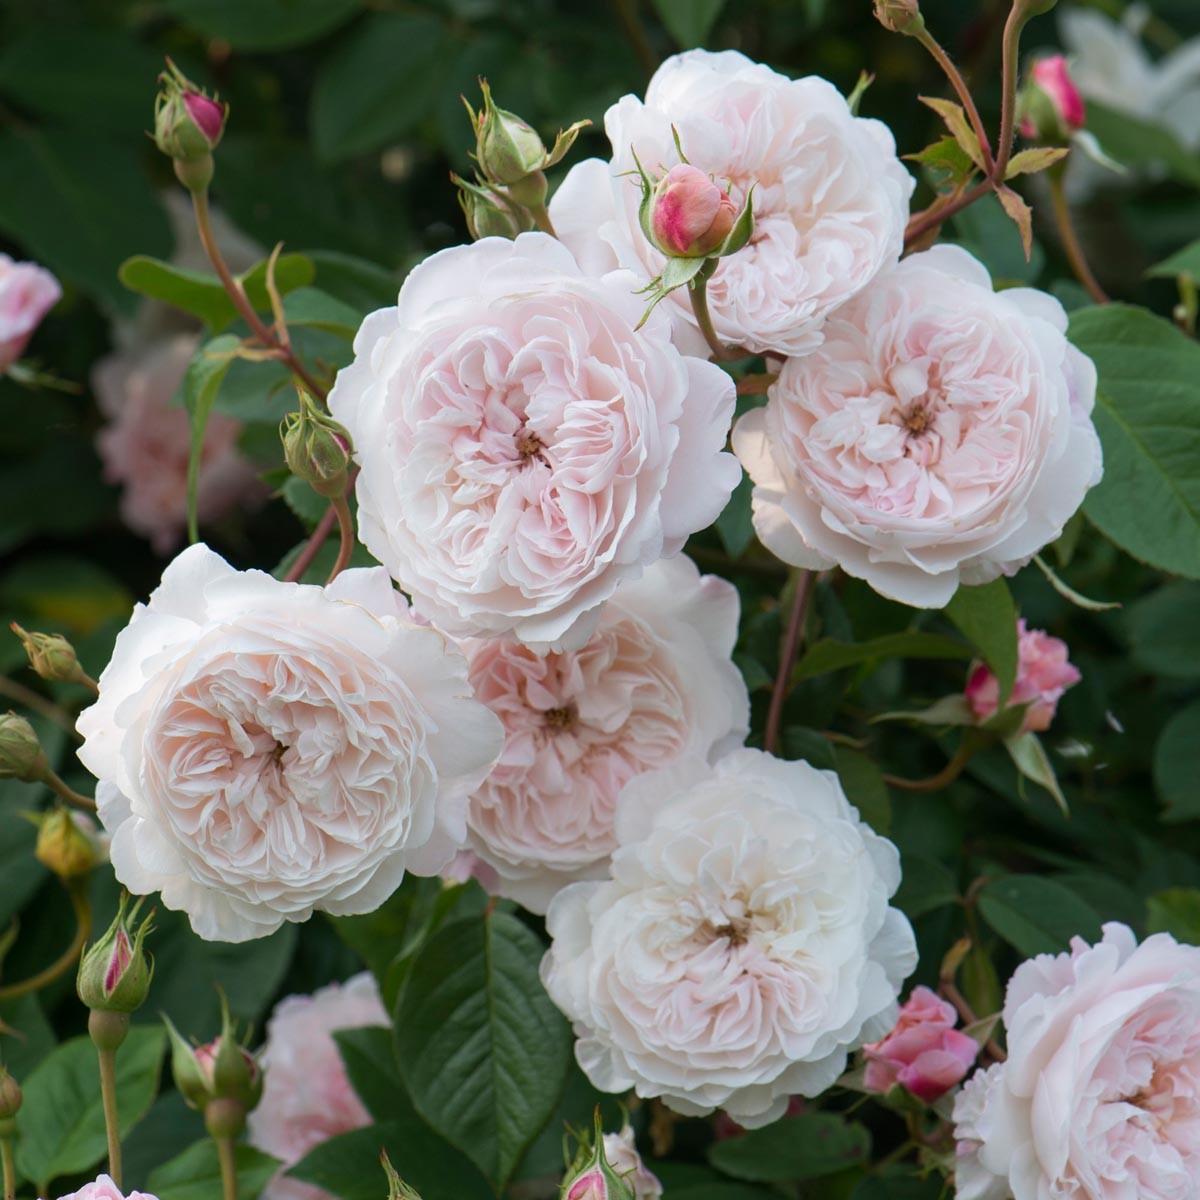 David Austin rosen - Rambling roses